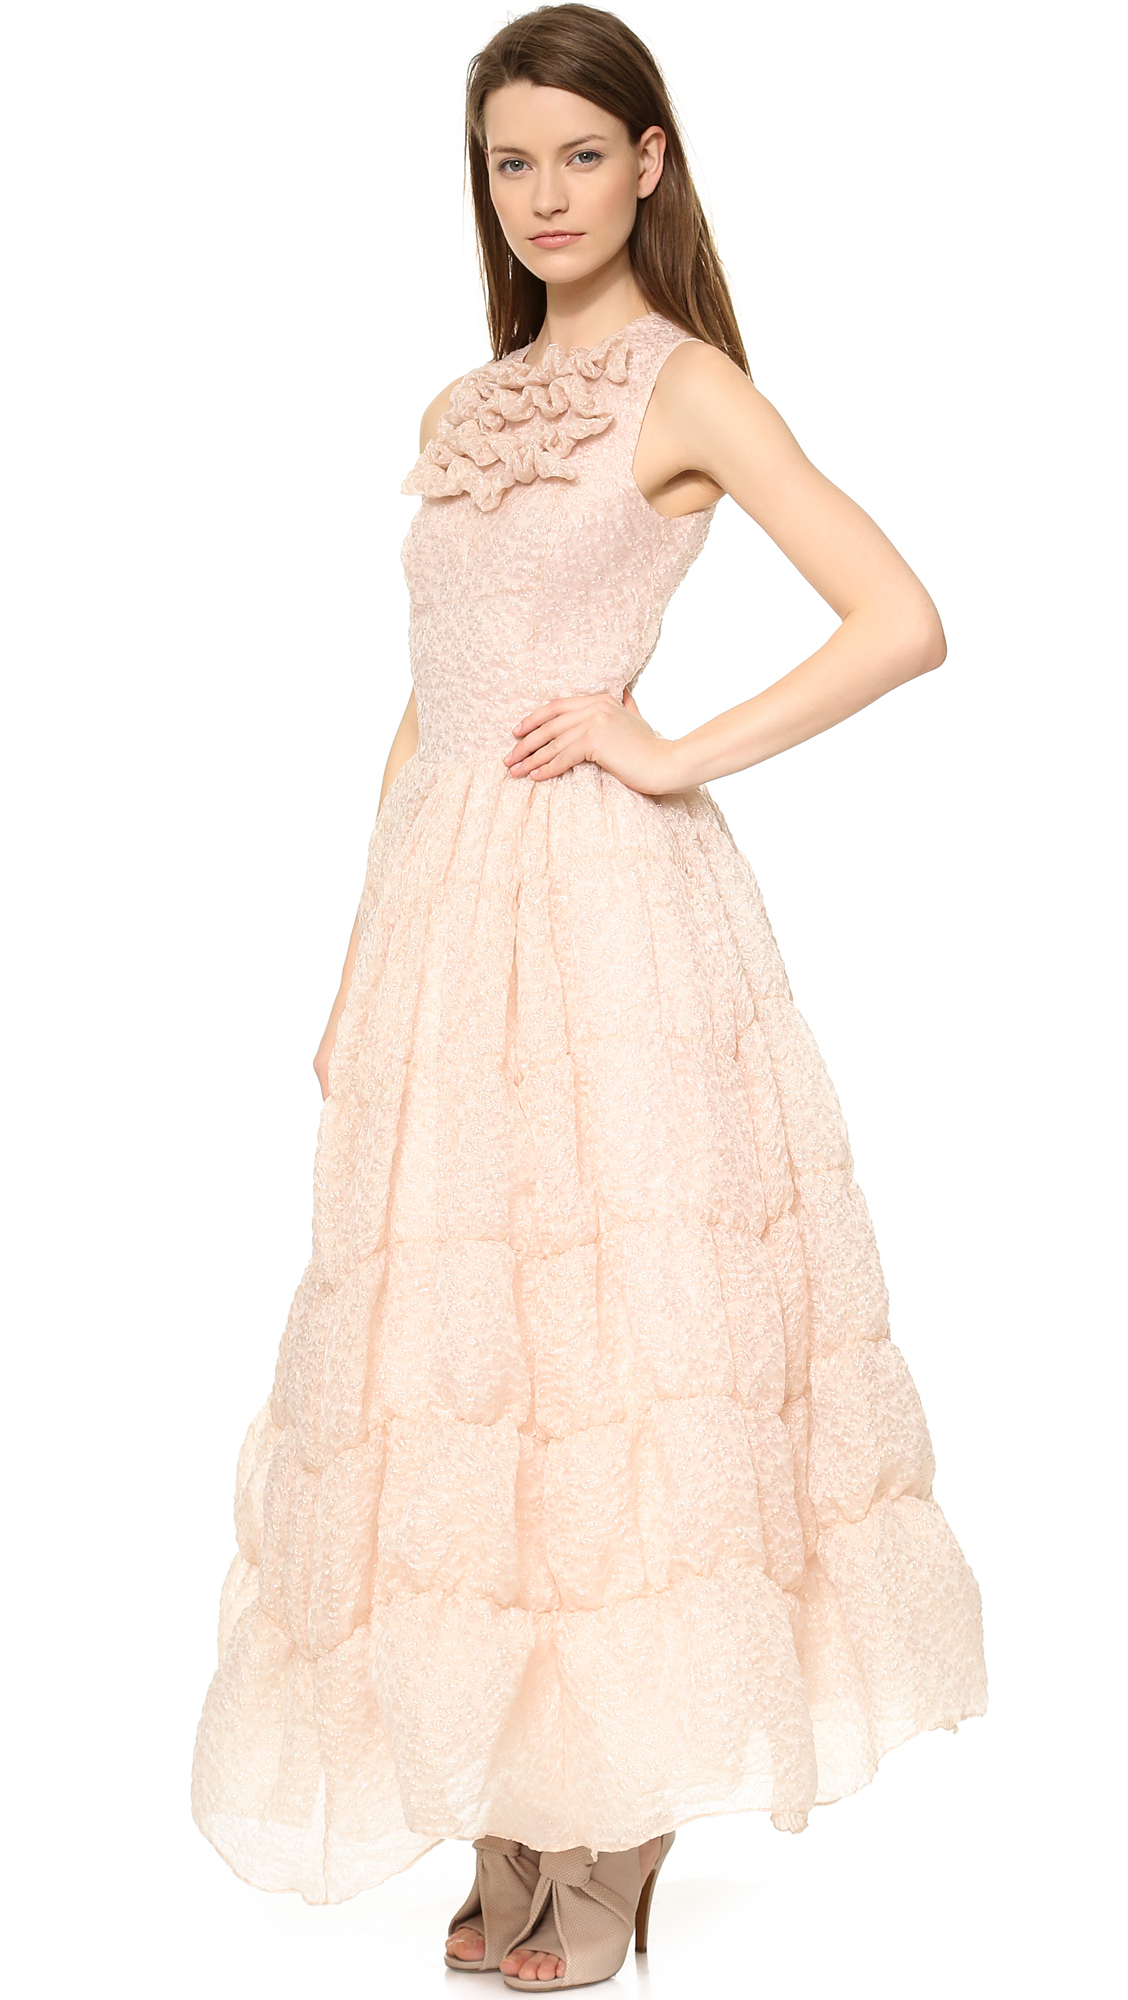 Pink Ruffle Sleeveless Dress